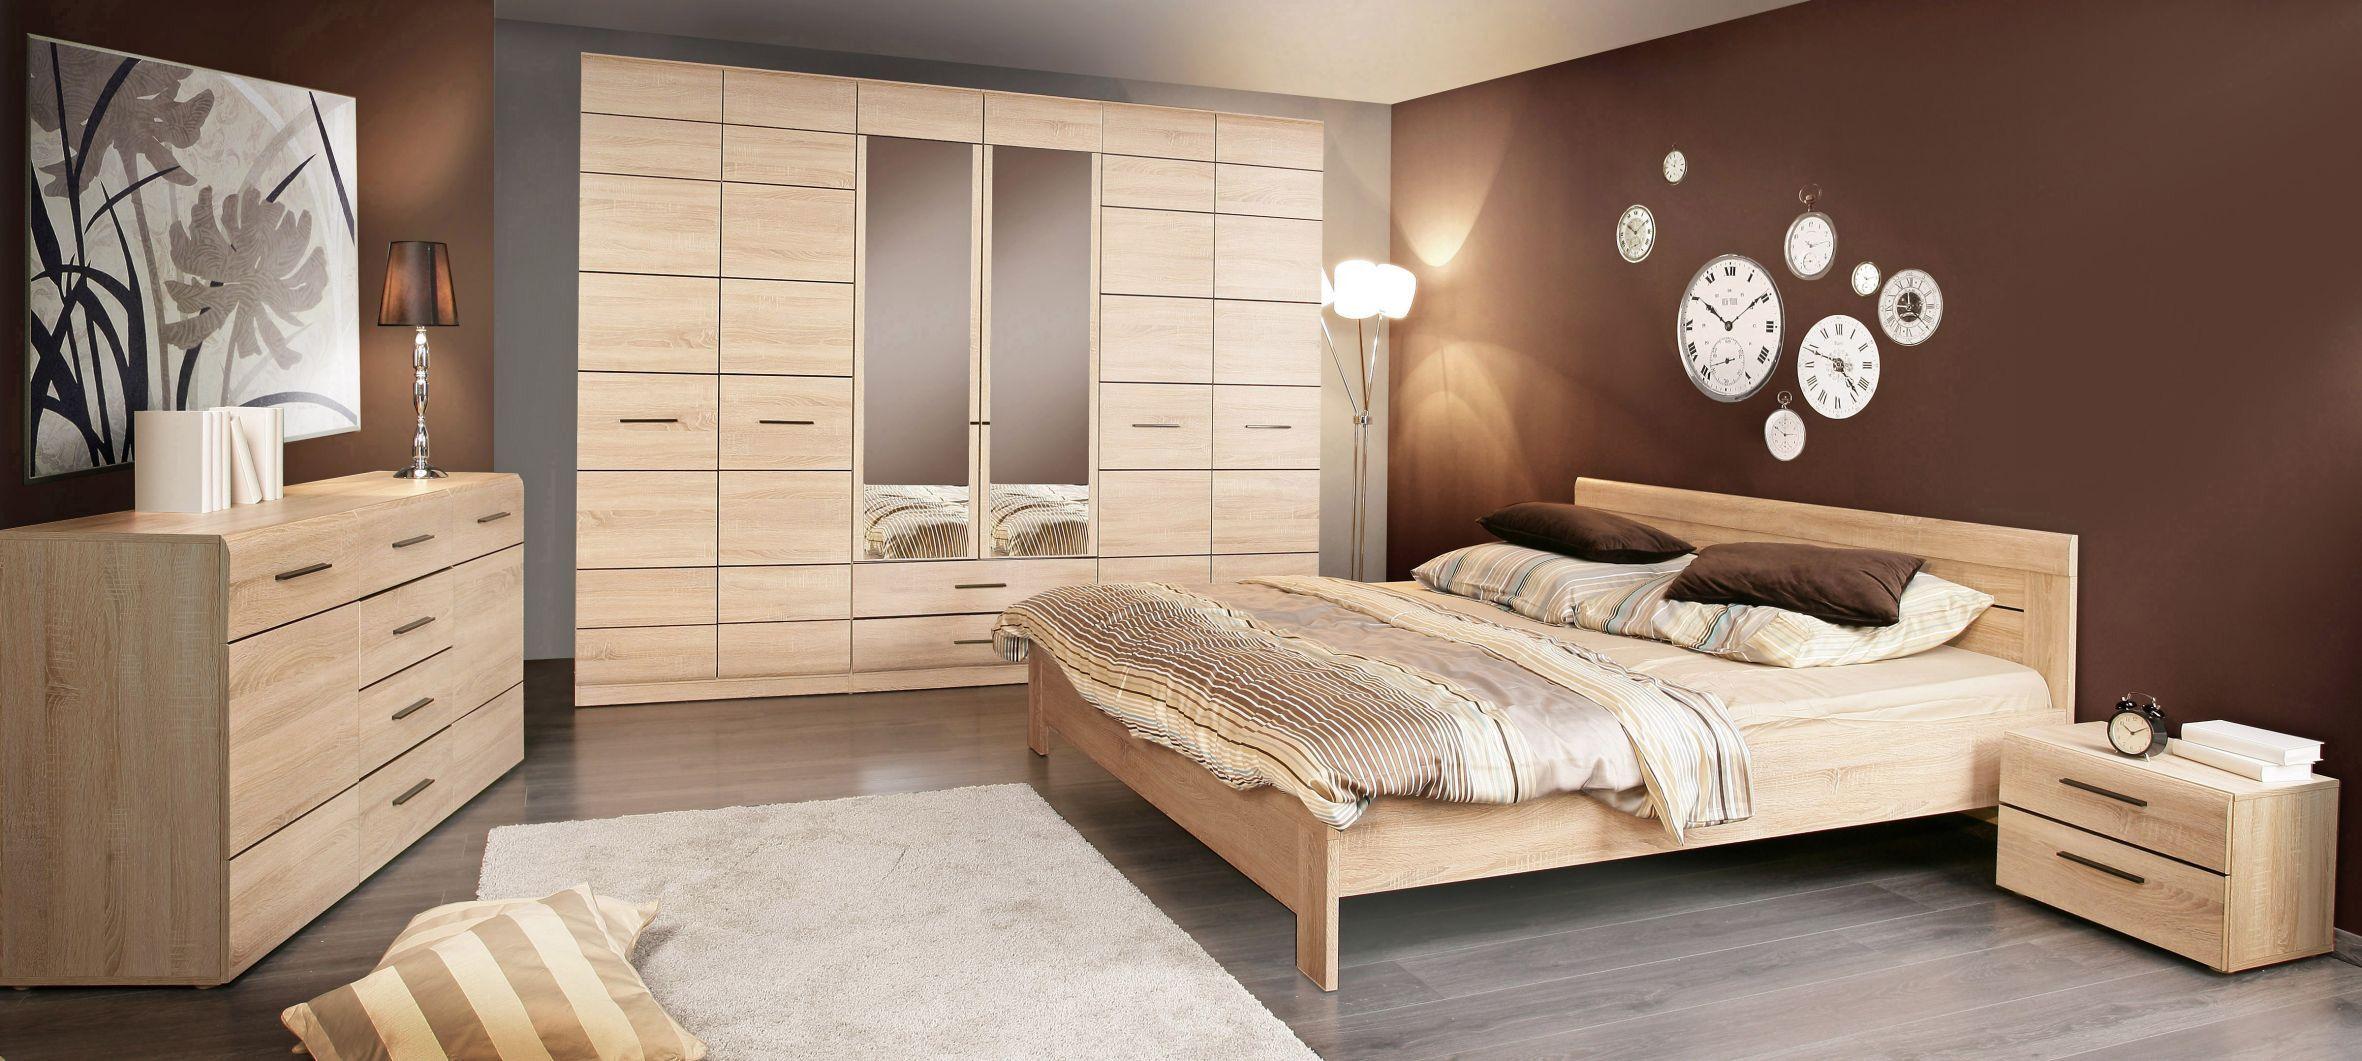 Schlafzimmer Mit Bett 180 X 200 Cm Sonoma Eiche Woody 77 00241